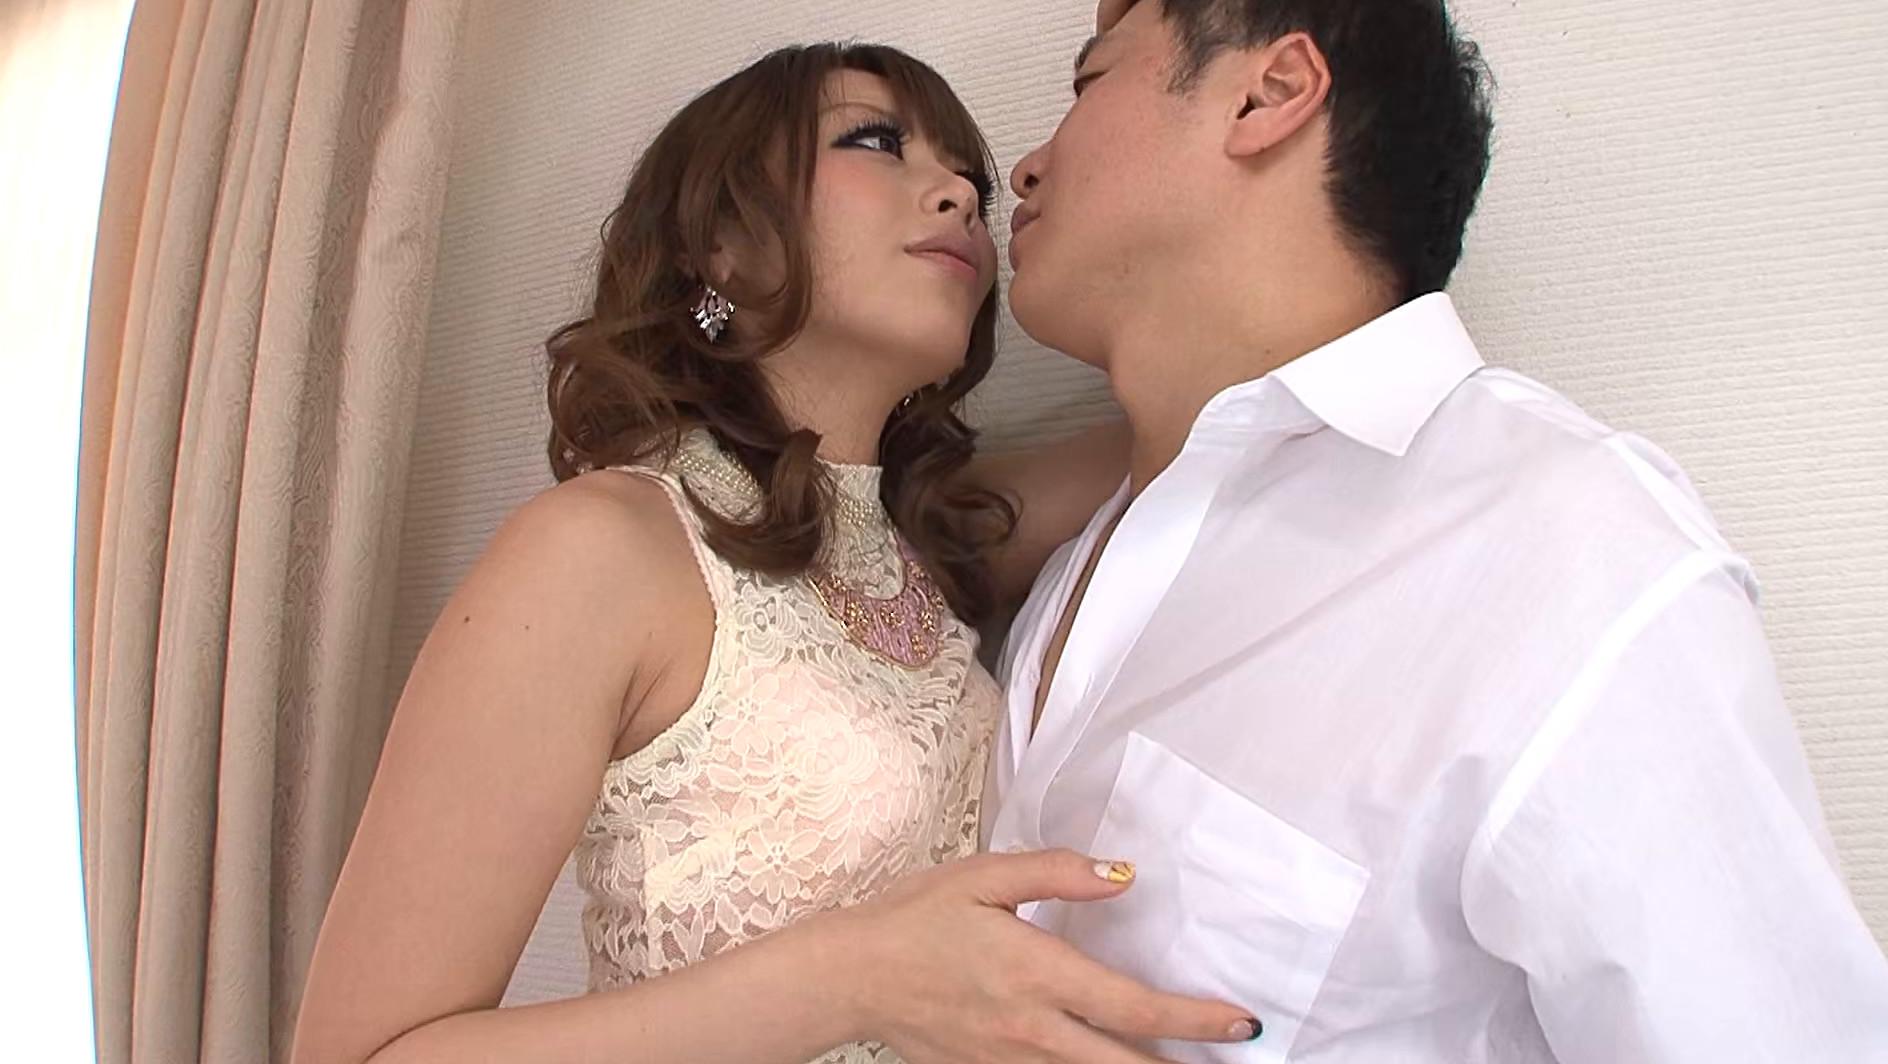 挿れたい欲を焦らされる悪魔のような接吻 桜井あゆ 画像4